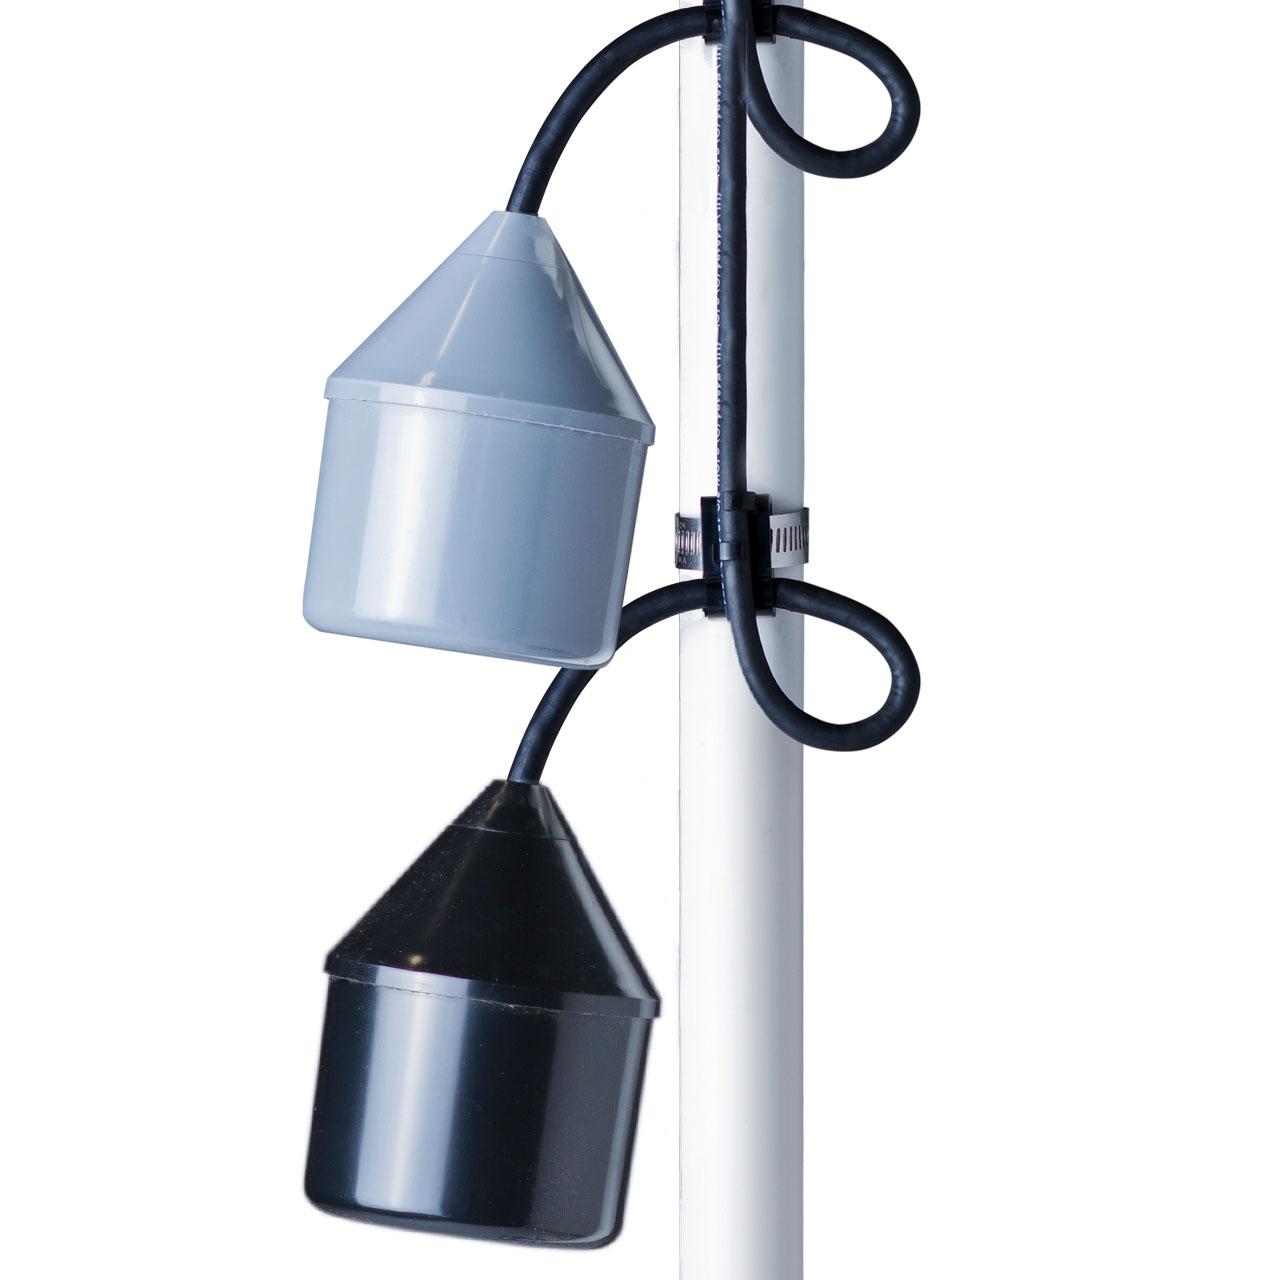 sje rhombus sje rhombus dfd double float pump switch v pump sje rhombus sje rhombus 15dfd double float pump switch 120v pump down 15 cord w plug sje1002022